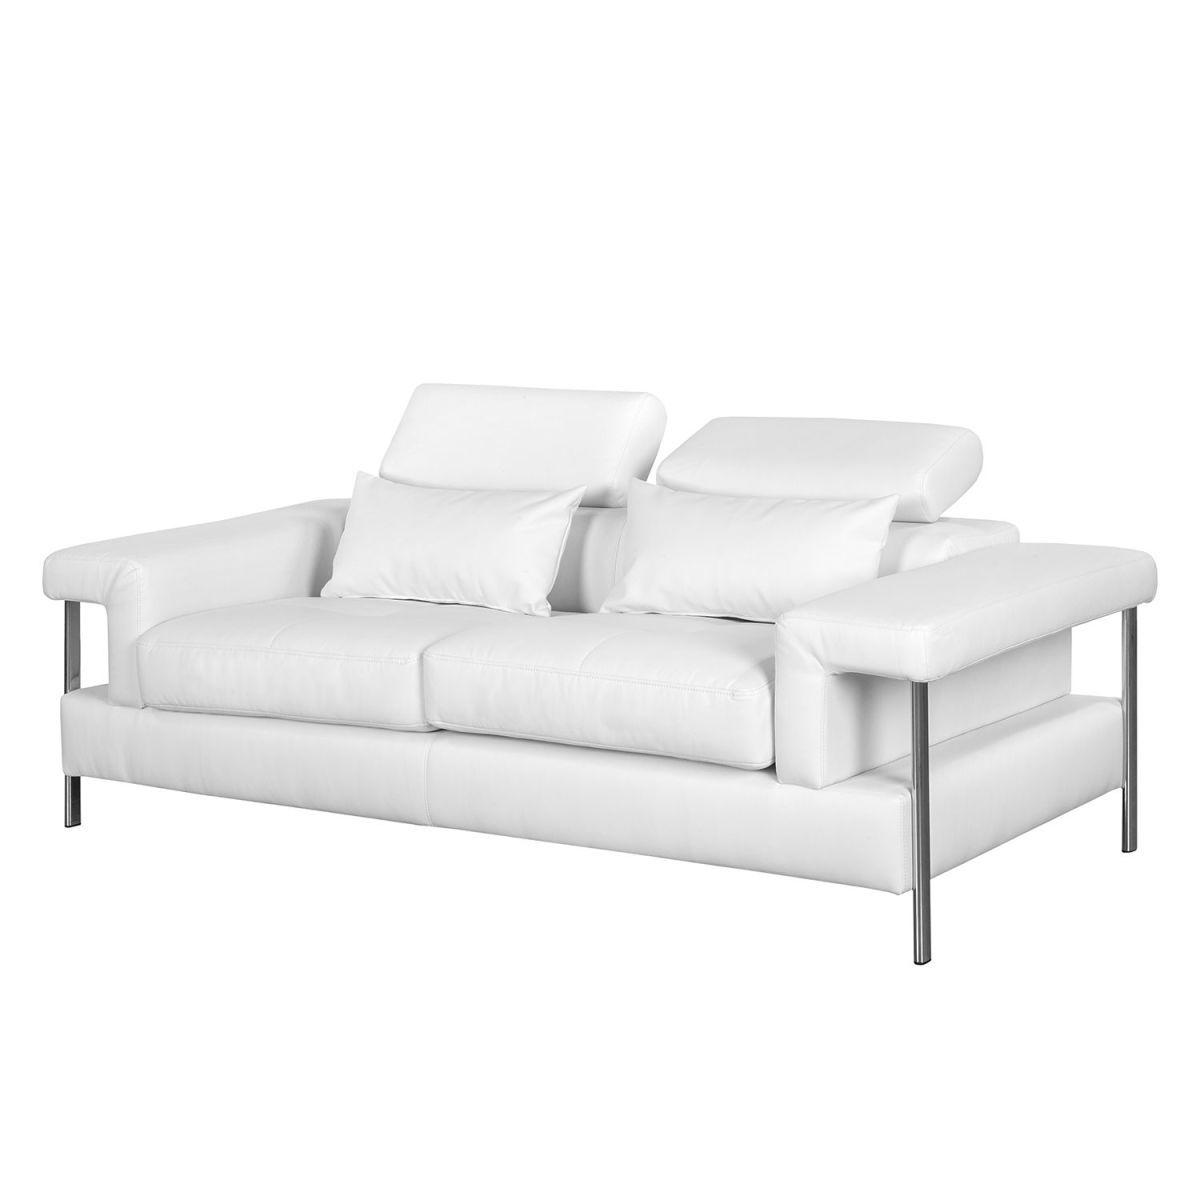 Sofa Skibsby 2 Sitzer Kunstleder Weiss Roomscape Jetzt Bestellen Unter Https Moebel Ladendirekt De Wohnzimmer Sofas 2 Und 3 Sit Sofas 3 Sitzer Sofa Sofa